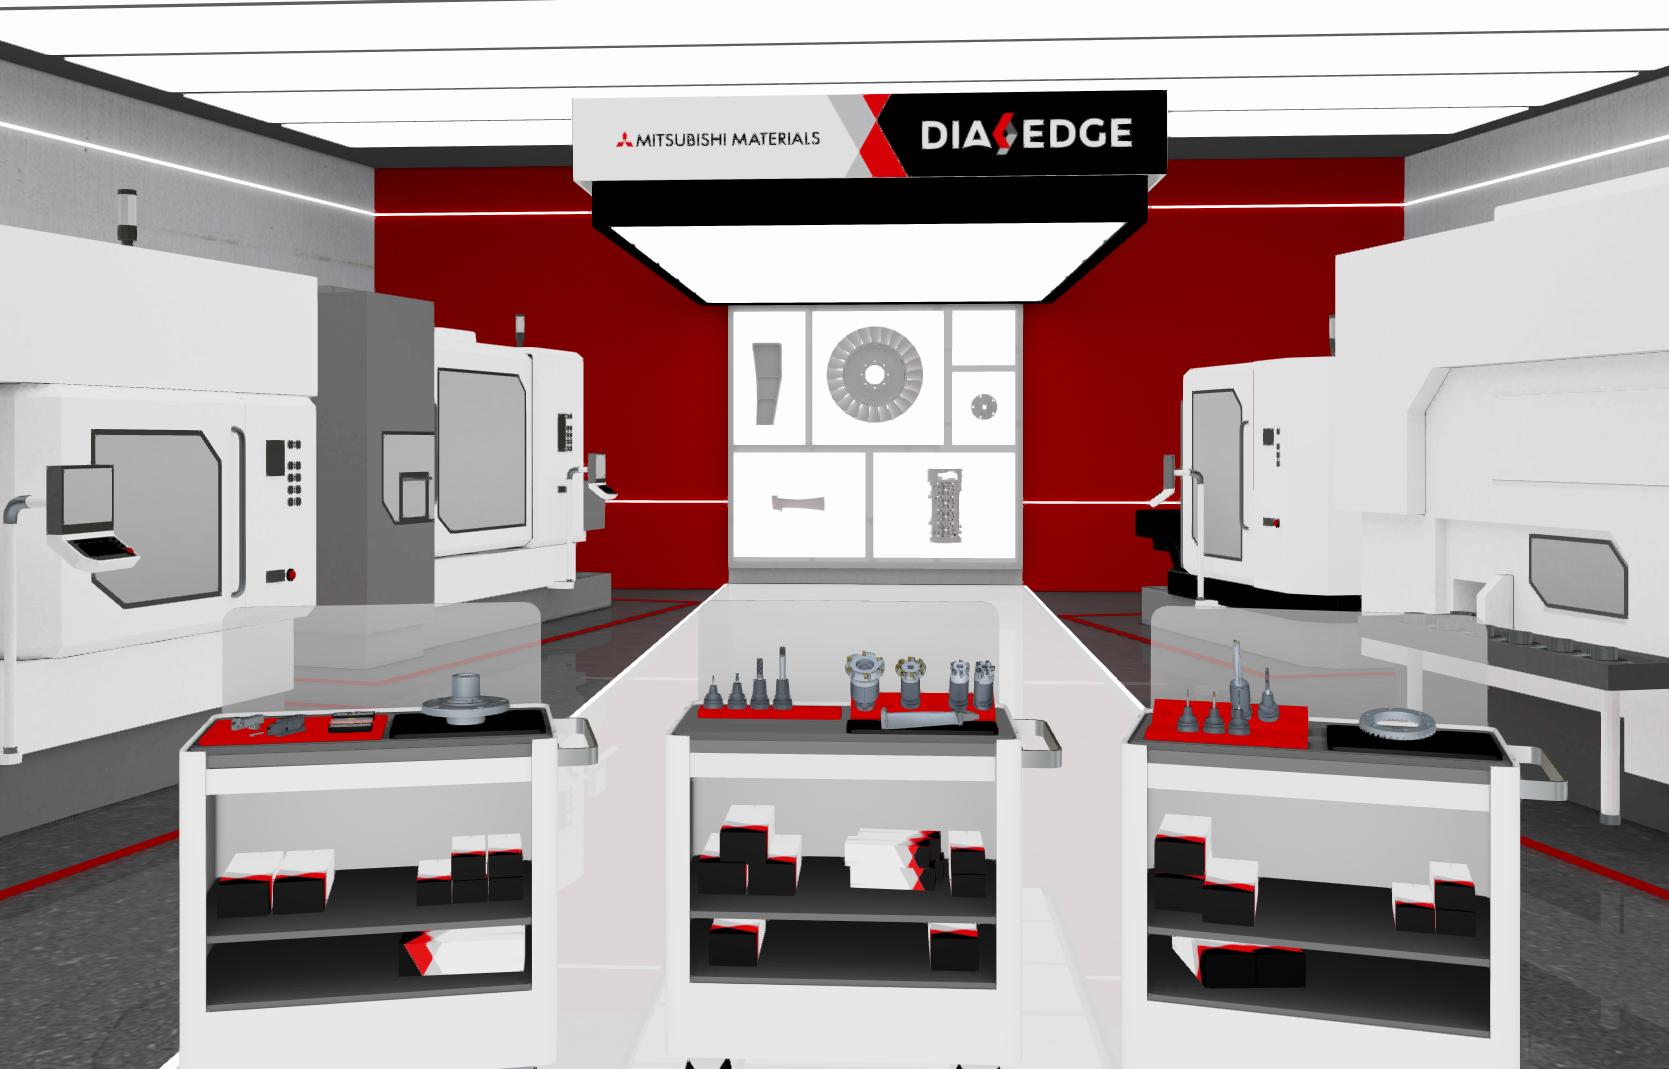 Diaedge live